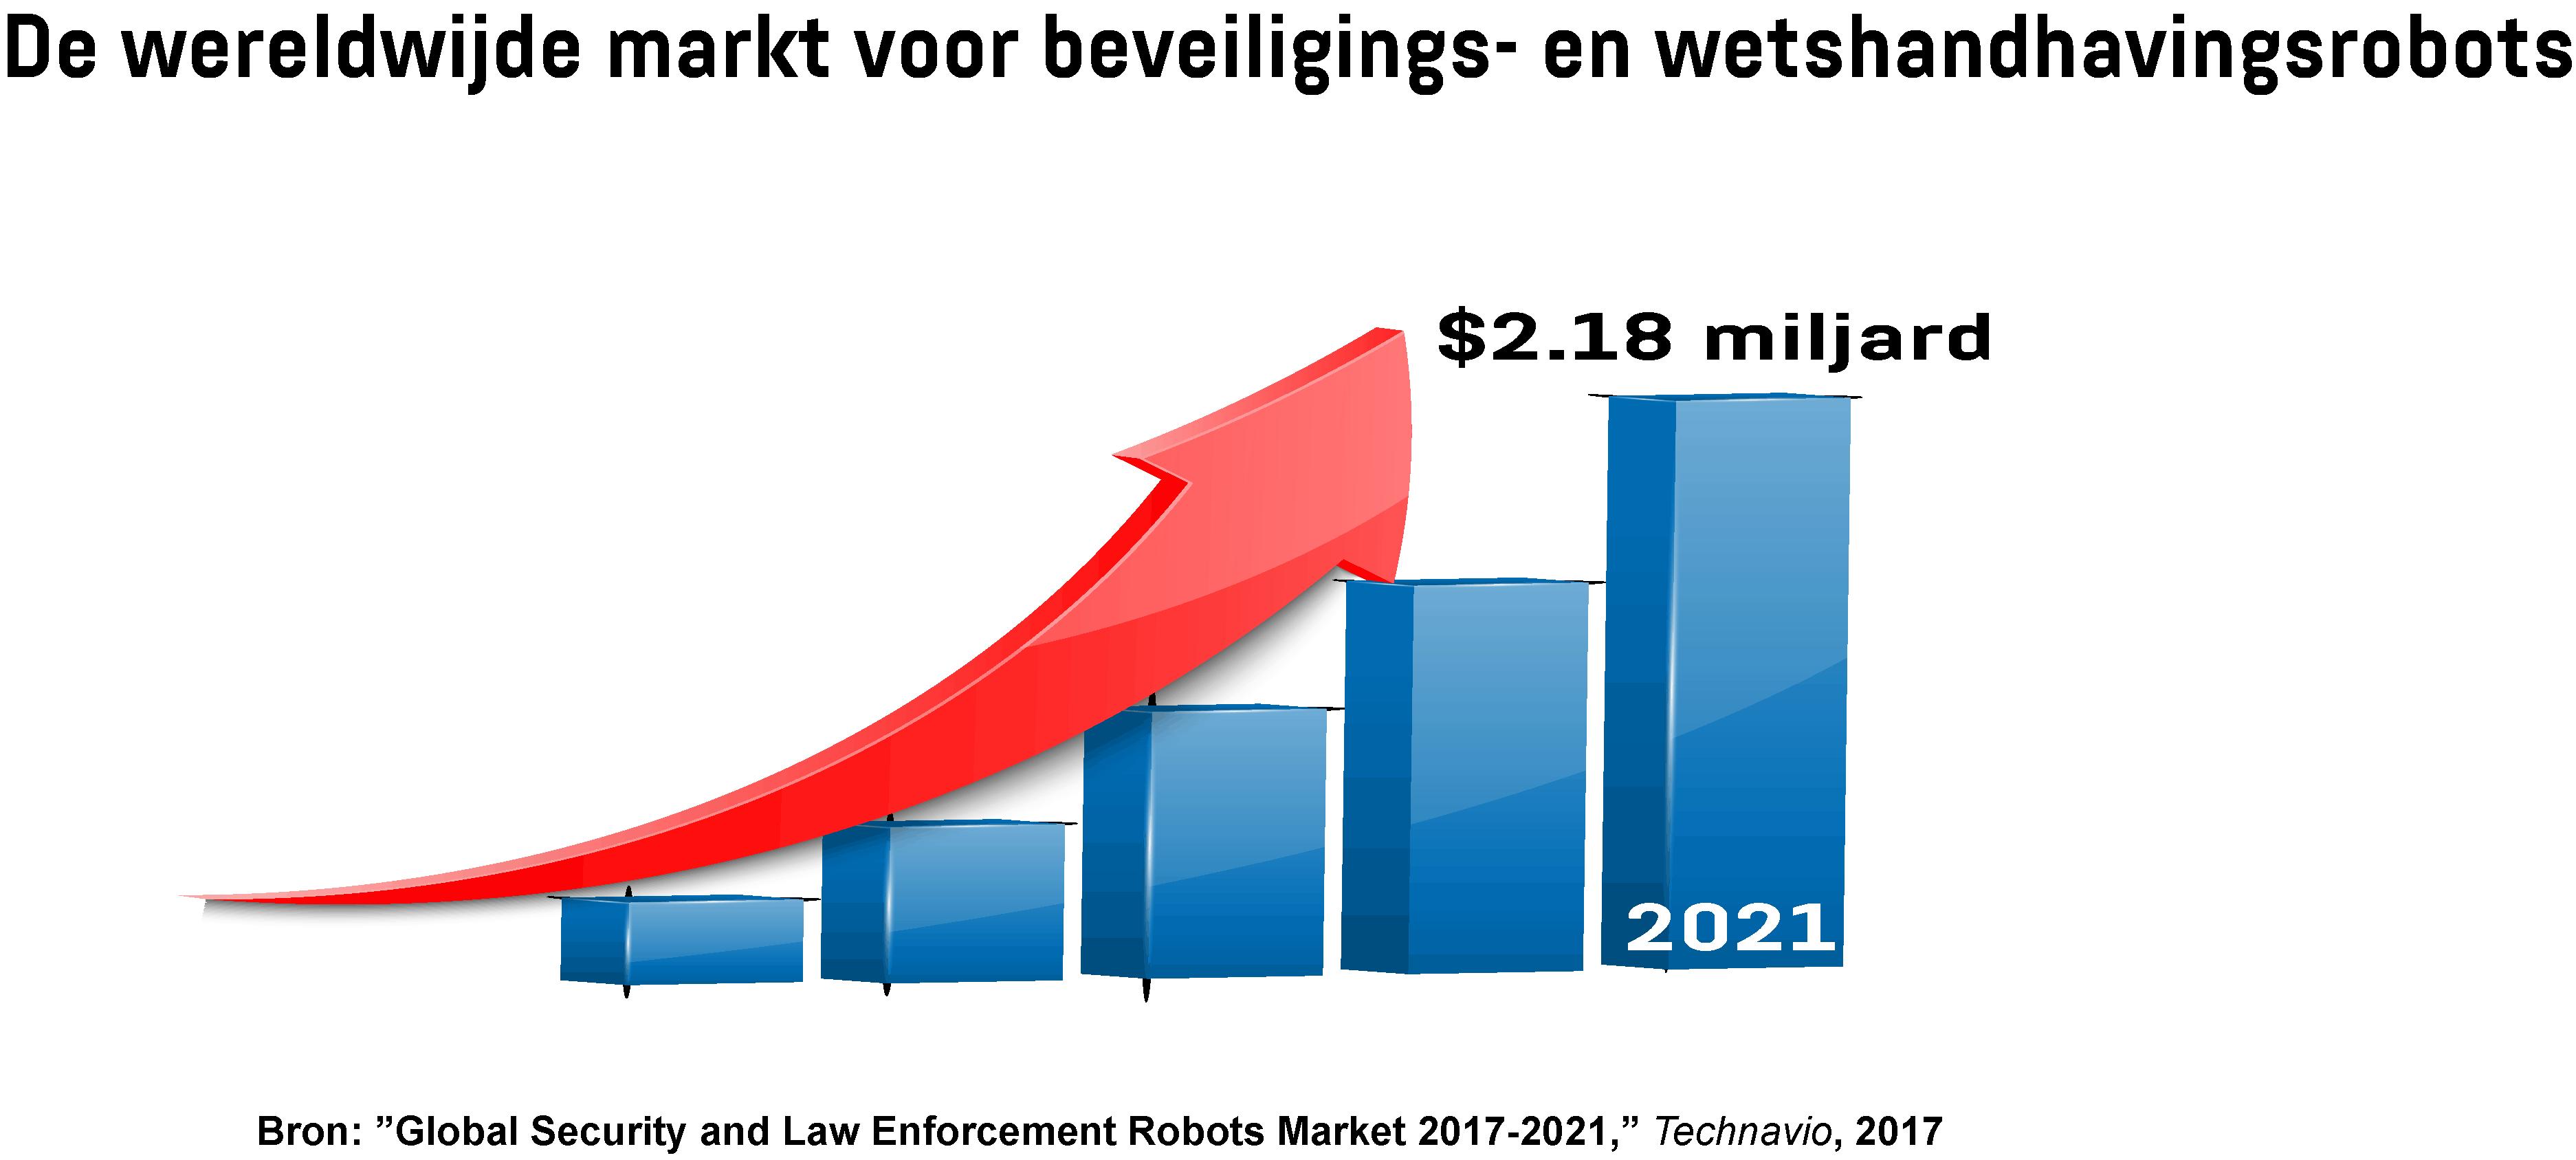 Grafiek toont de groei van de wereldwijde markt voor beveiligings- en wetshandhavingsrobots